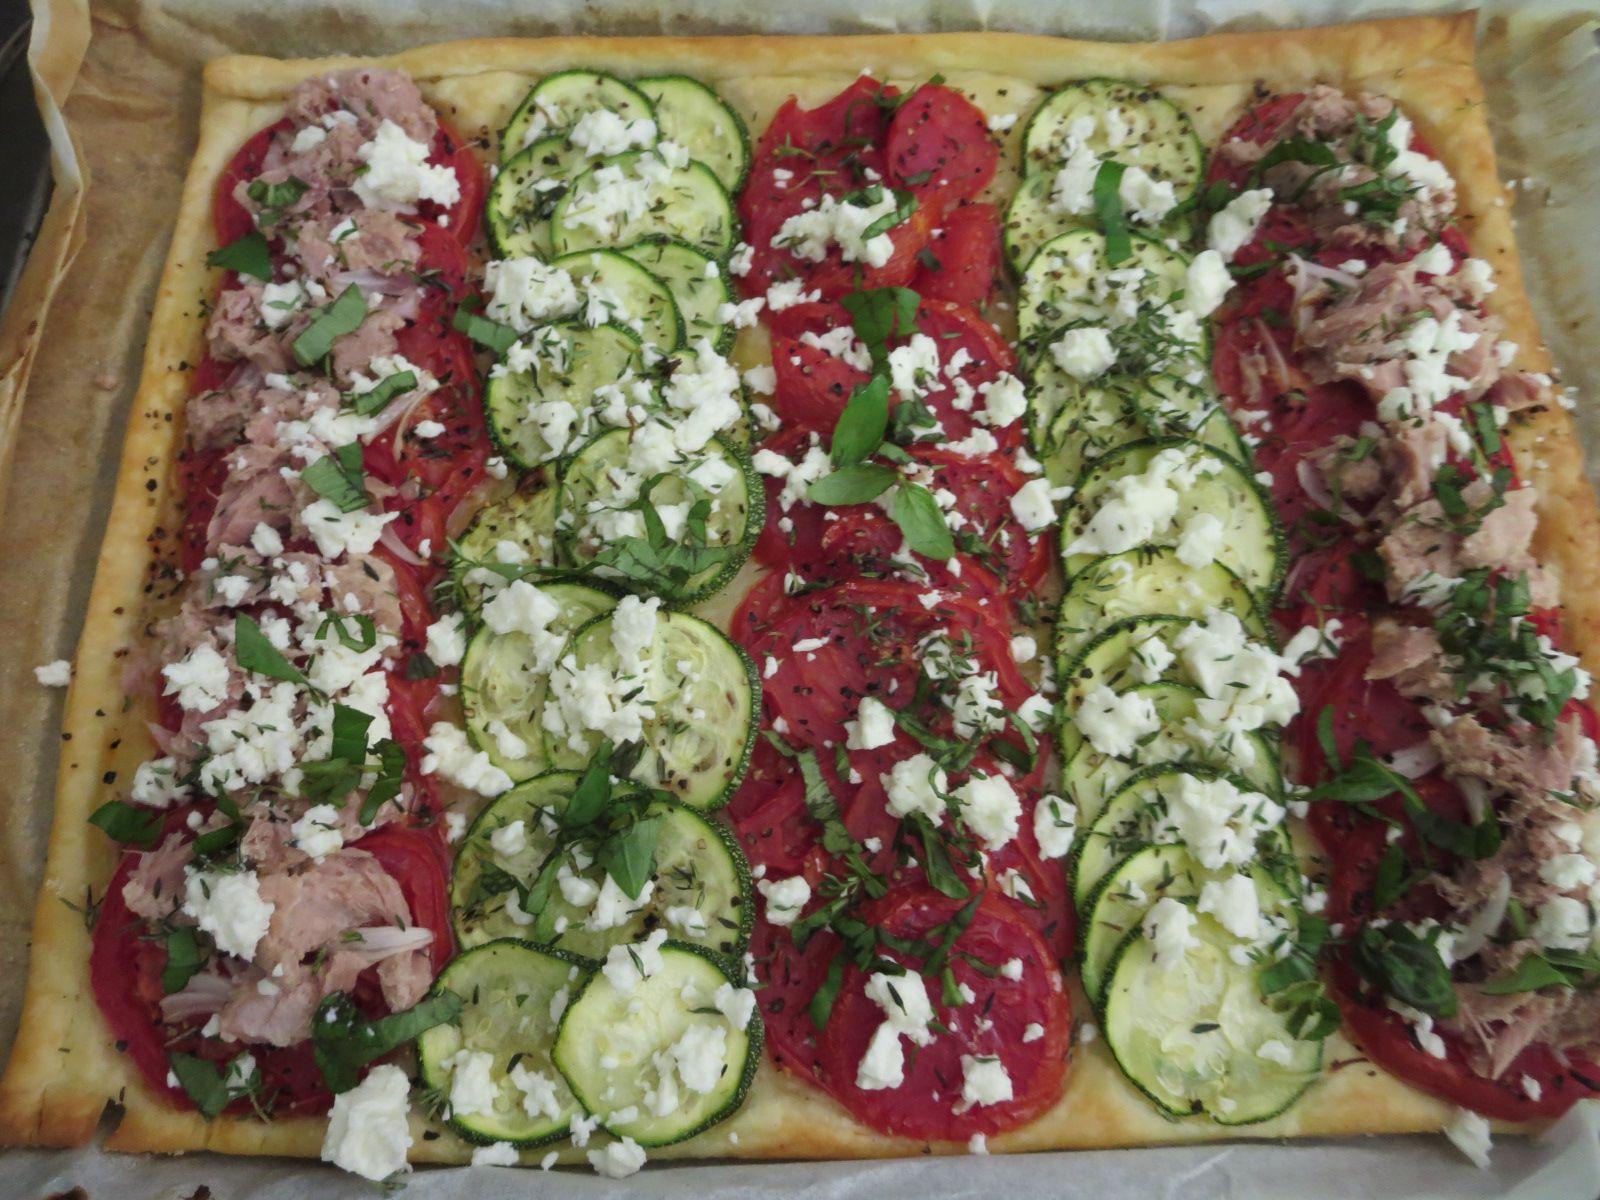 Une tarte salée /repas du soir. Sur pâte feuilletée du commerce...Tomates, Courgettes, Thon, Fêta, oignons frais, basilic et thym frais et indispensable  huile d'olive